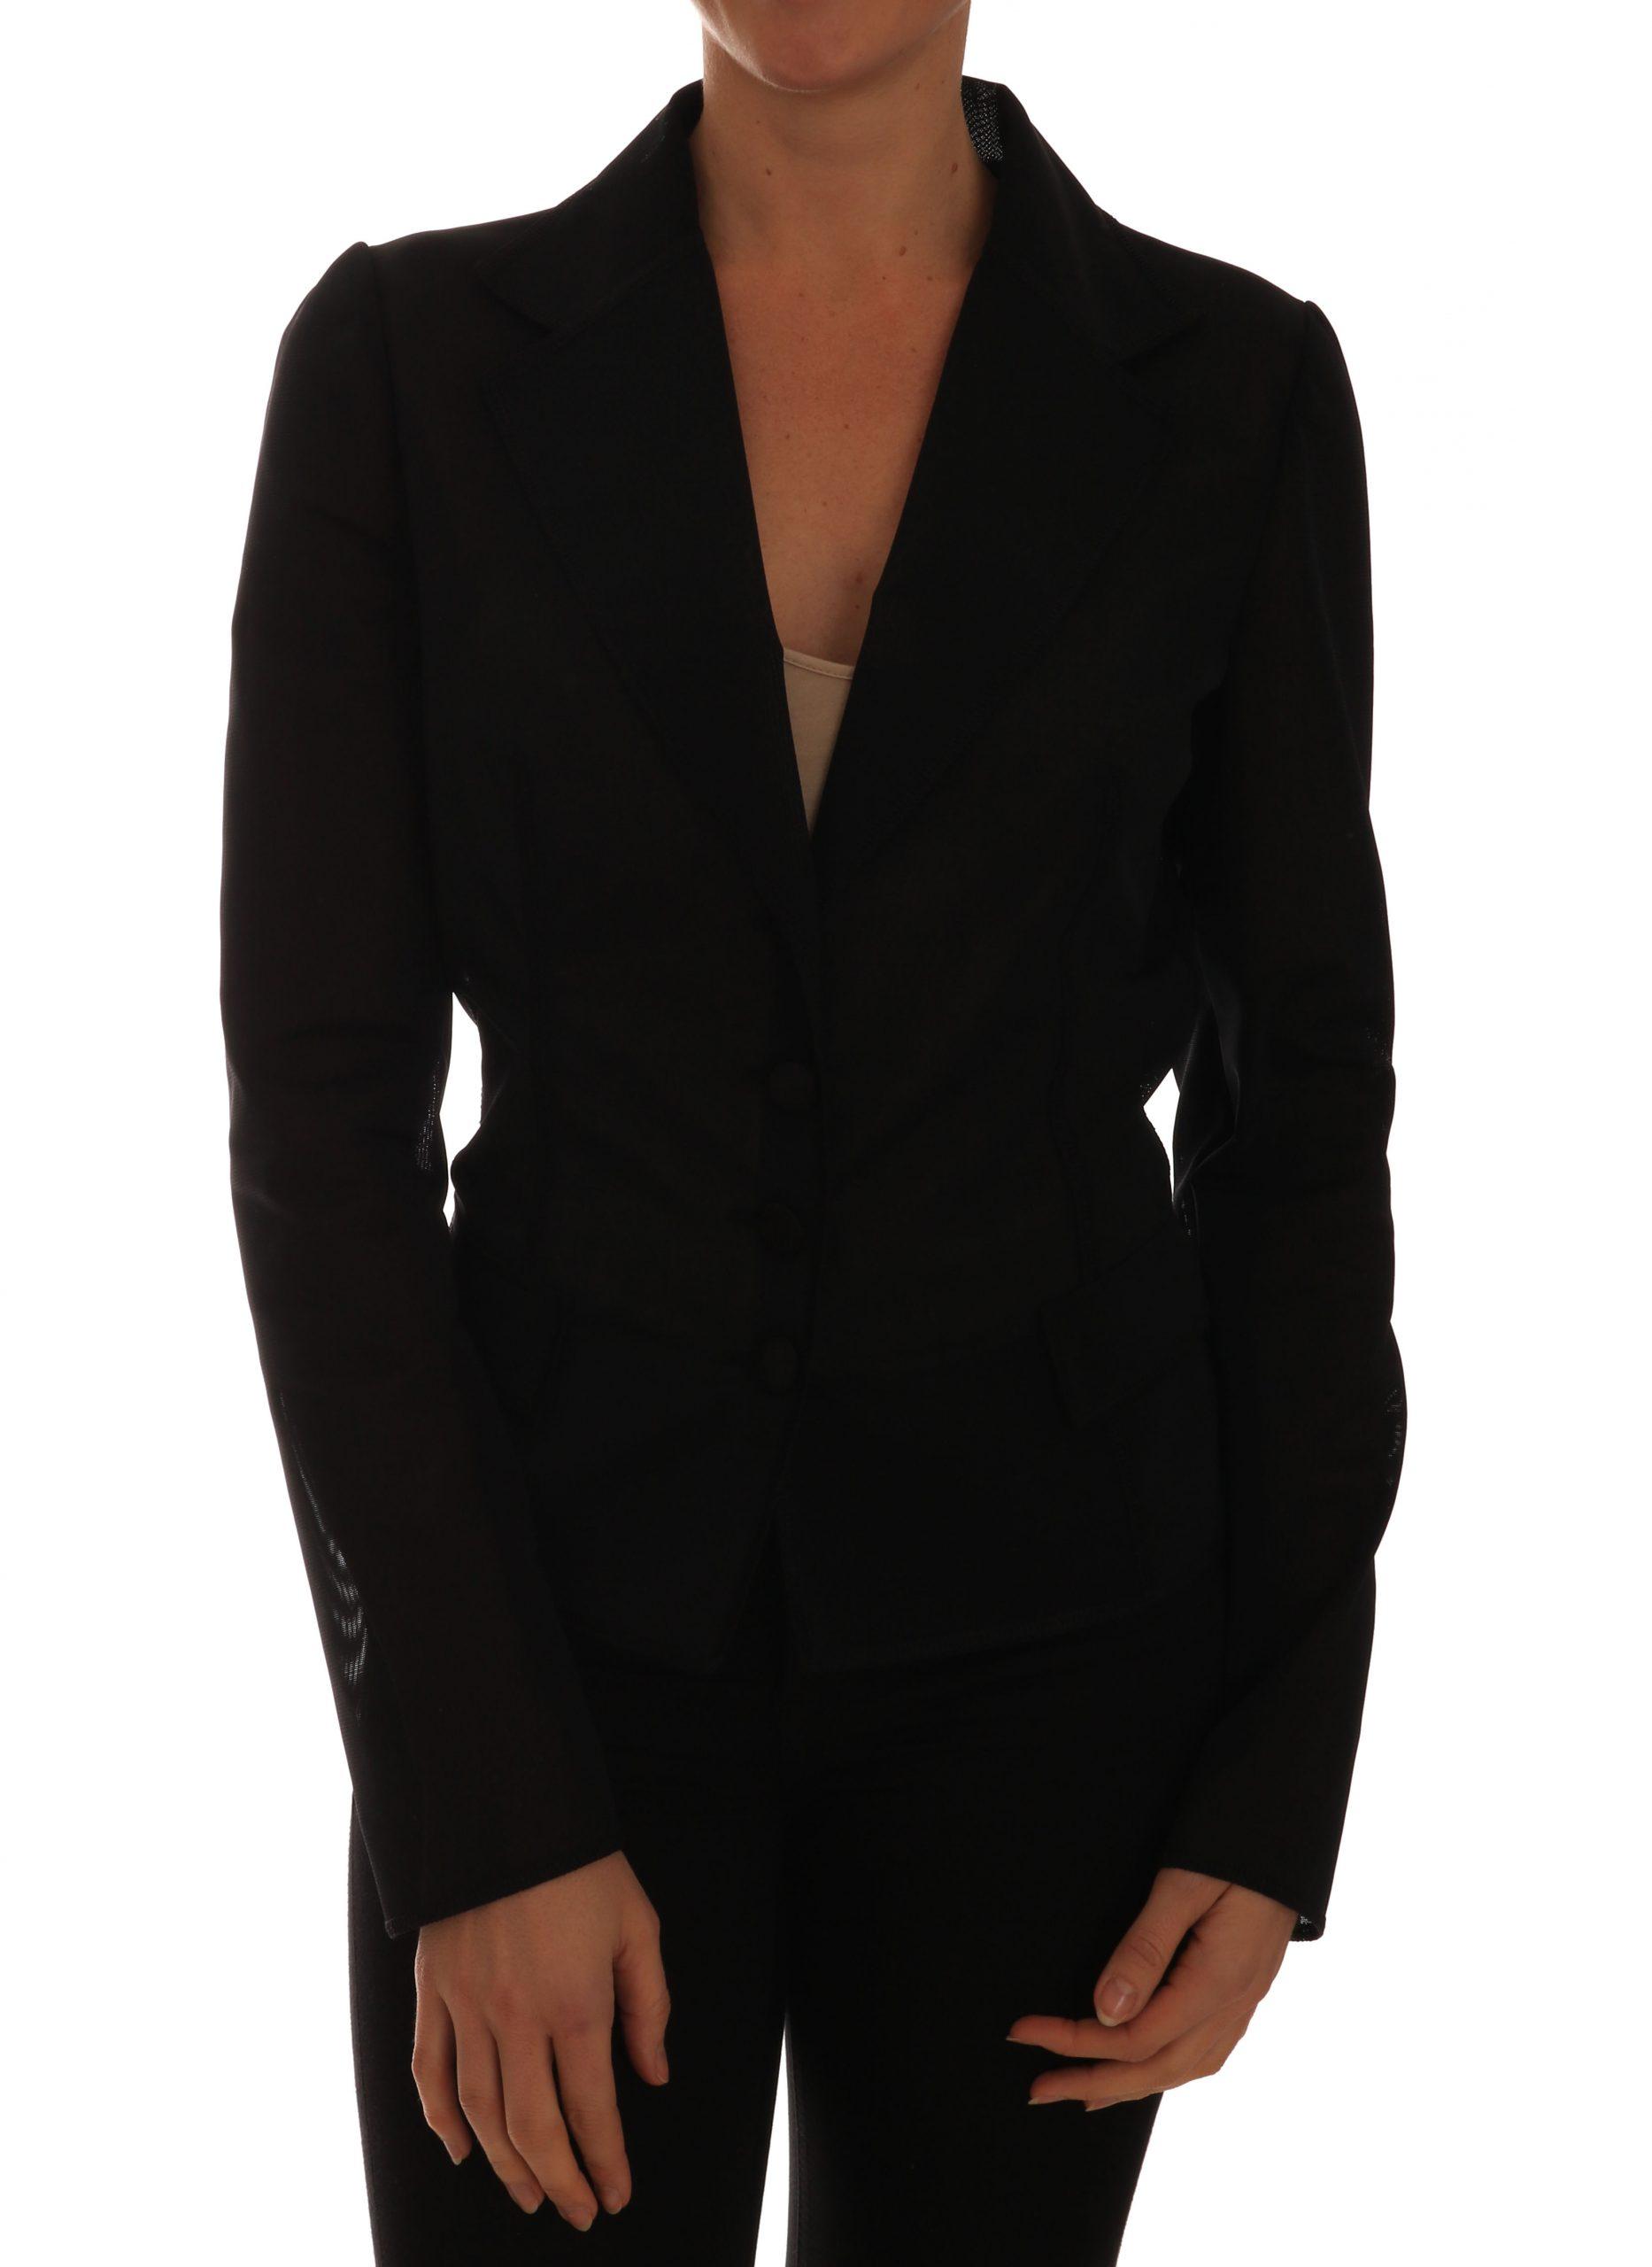 Black Nylon Net Blazer Jacket - IT44|L